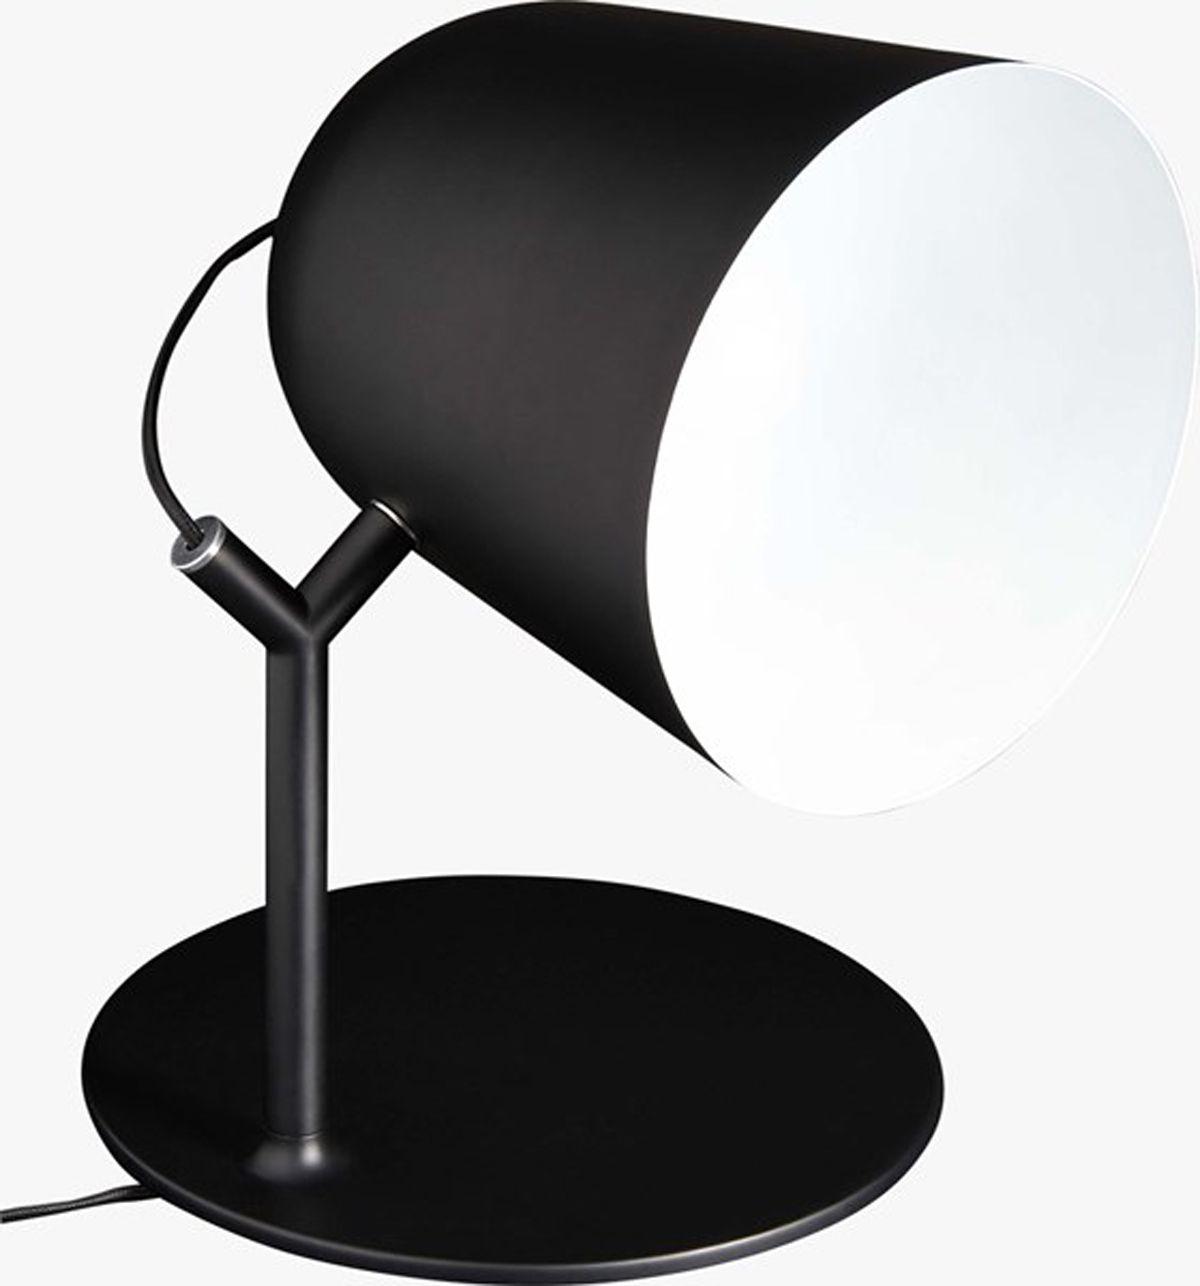 Bloggaajien vinkit: 3 hienointa pöytälamppua juuri nyt